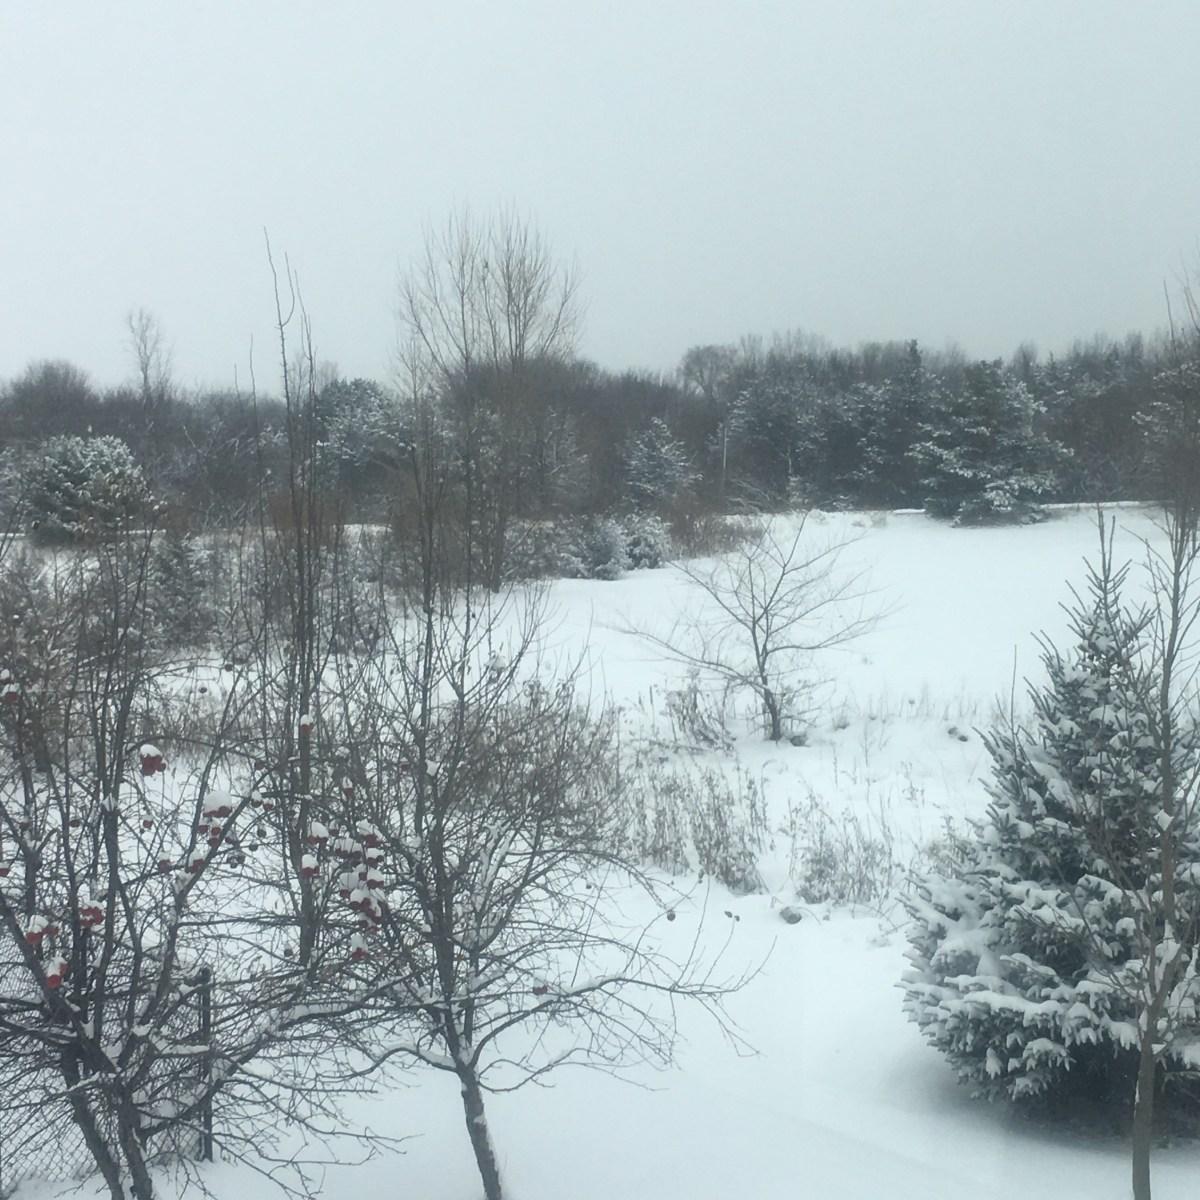 First Winter Snowfall